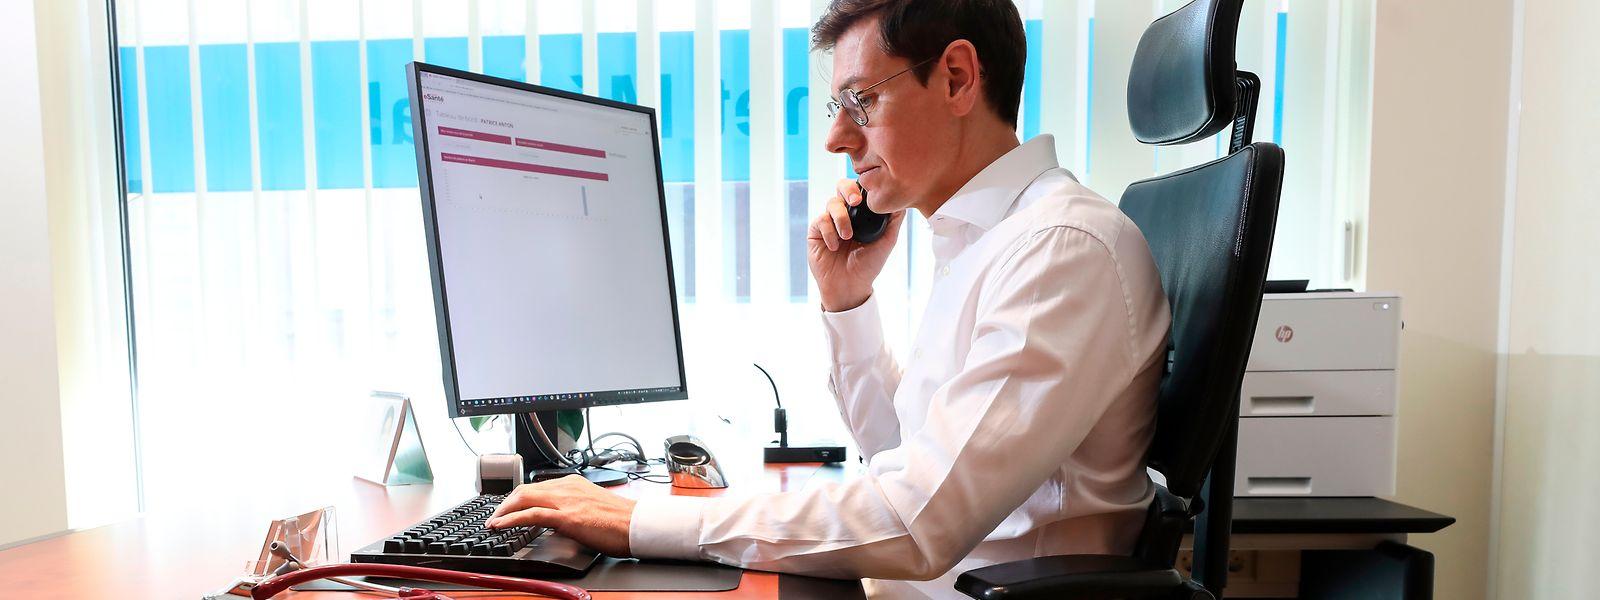 Der Allgemeinarzt Patrice Anton bei der Beratung eines Patienten über die von der CNS zur Verfügung gestellte Telekonsultationsplattform. Das hat aber Grenzen und ist nicht für eine eingehende Diagnostik geeignet.